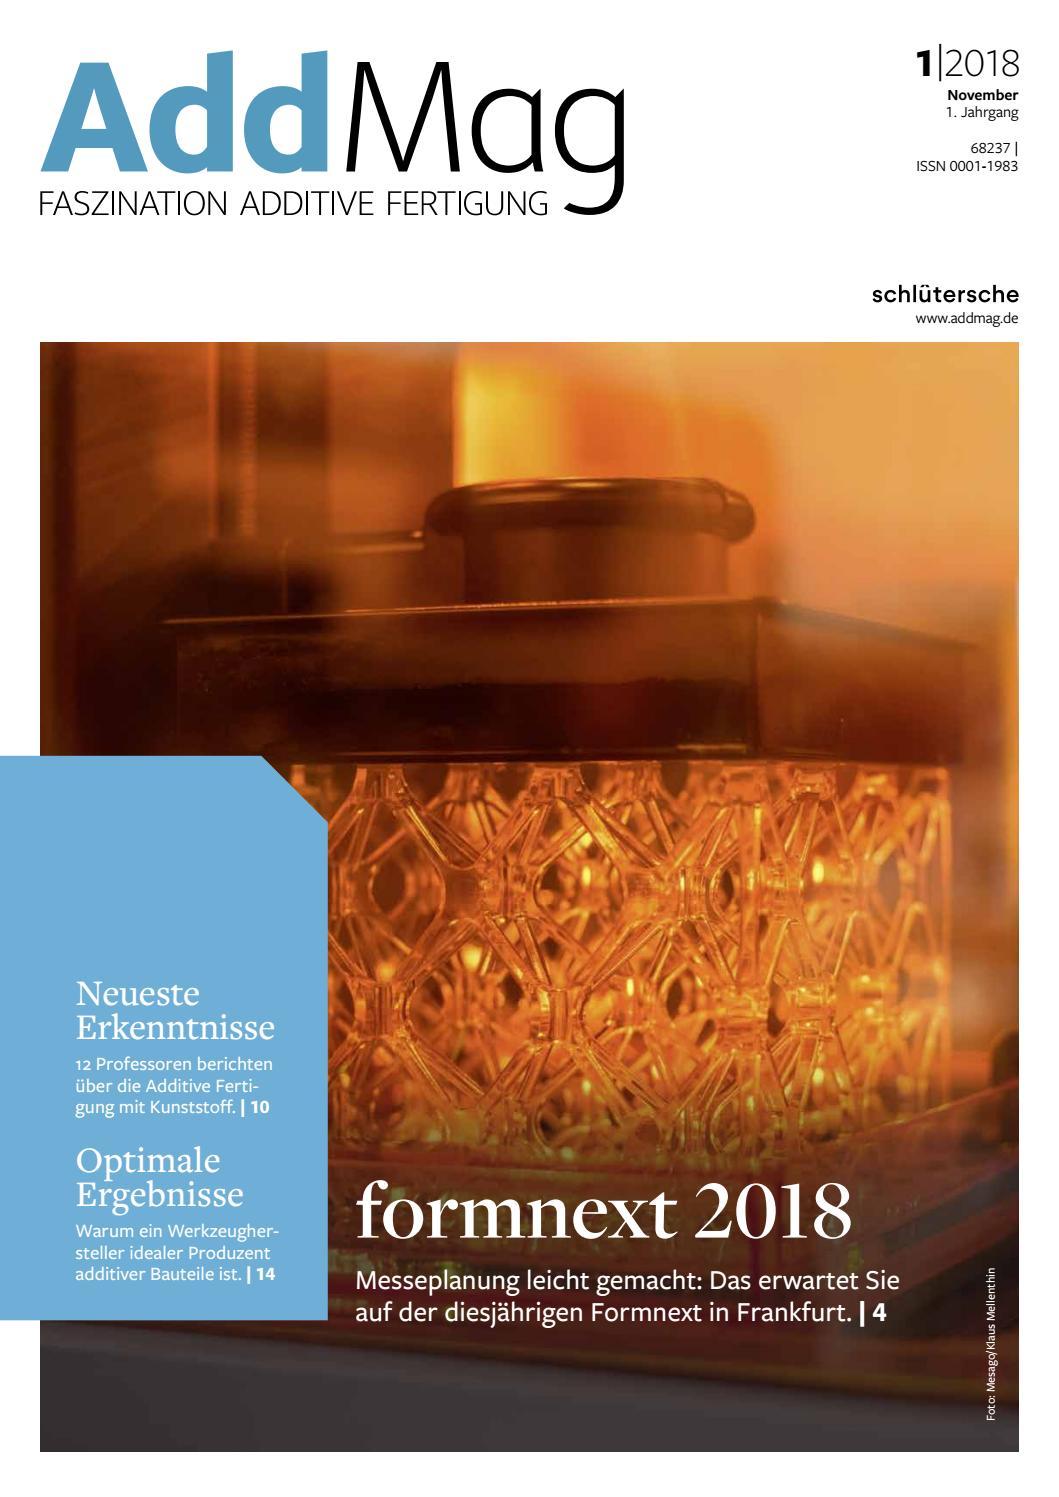 AddMag 01 2018 by Schluetersche - issuu